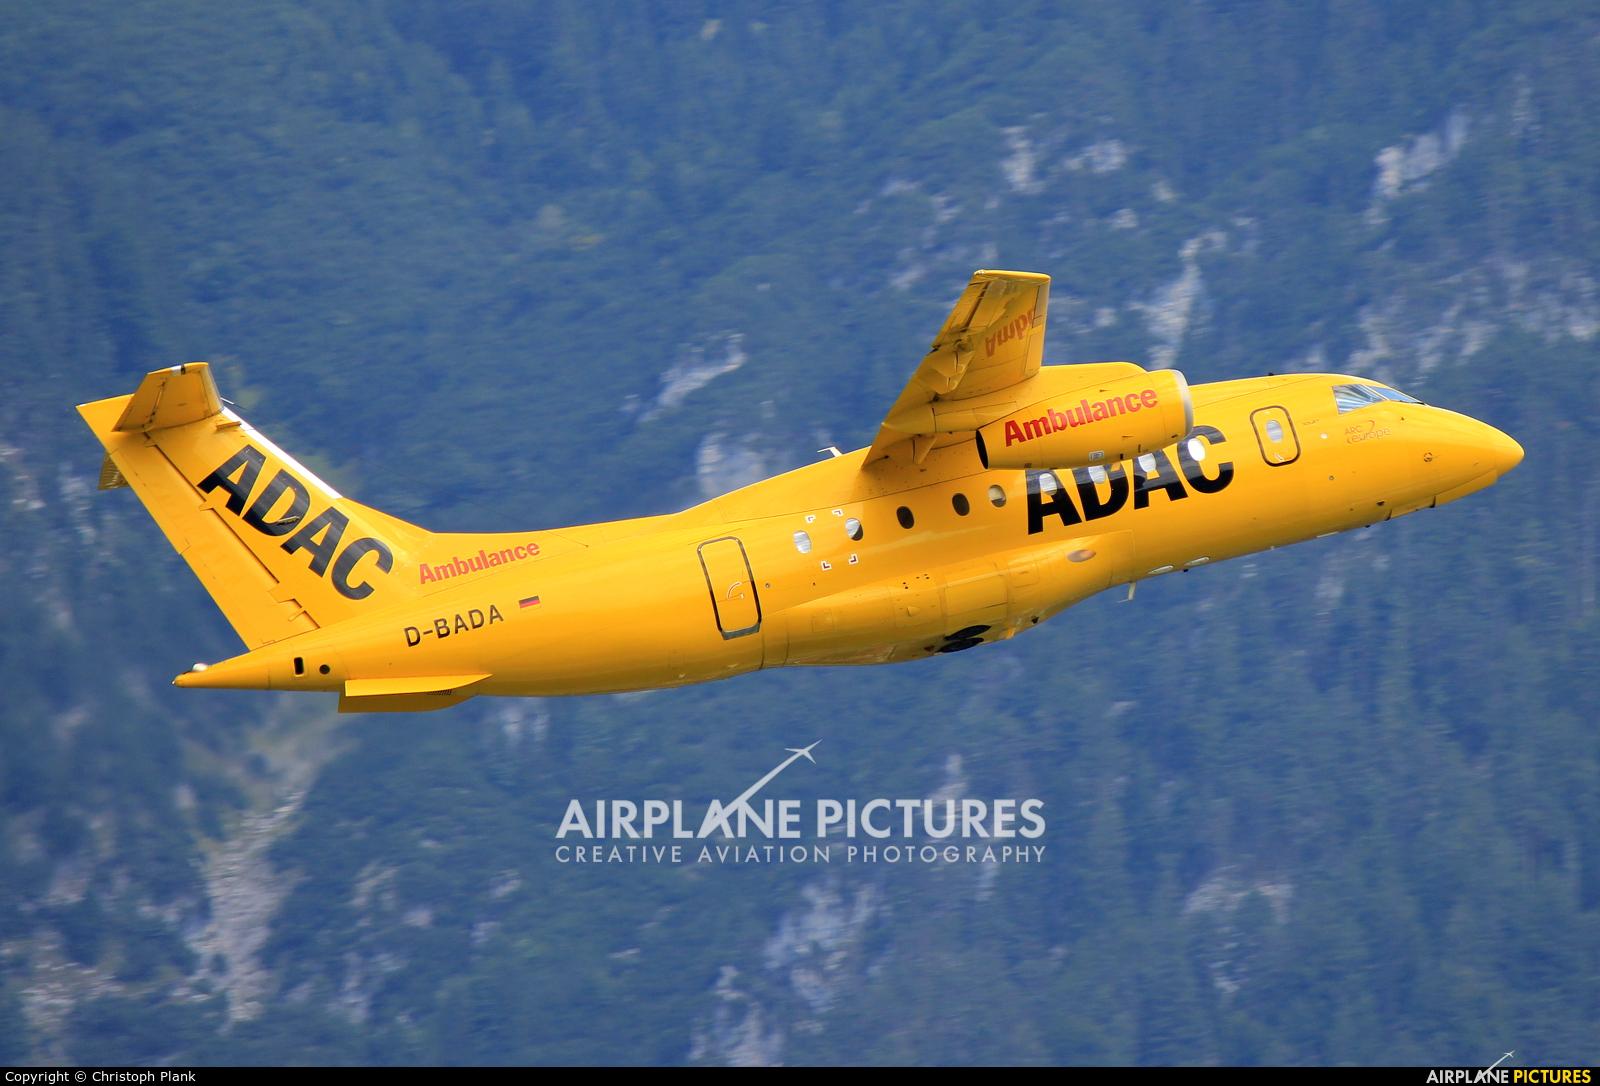 ADAC Luftrettung D-BADA aircraft at Innsbruck